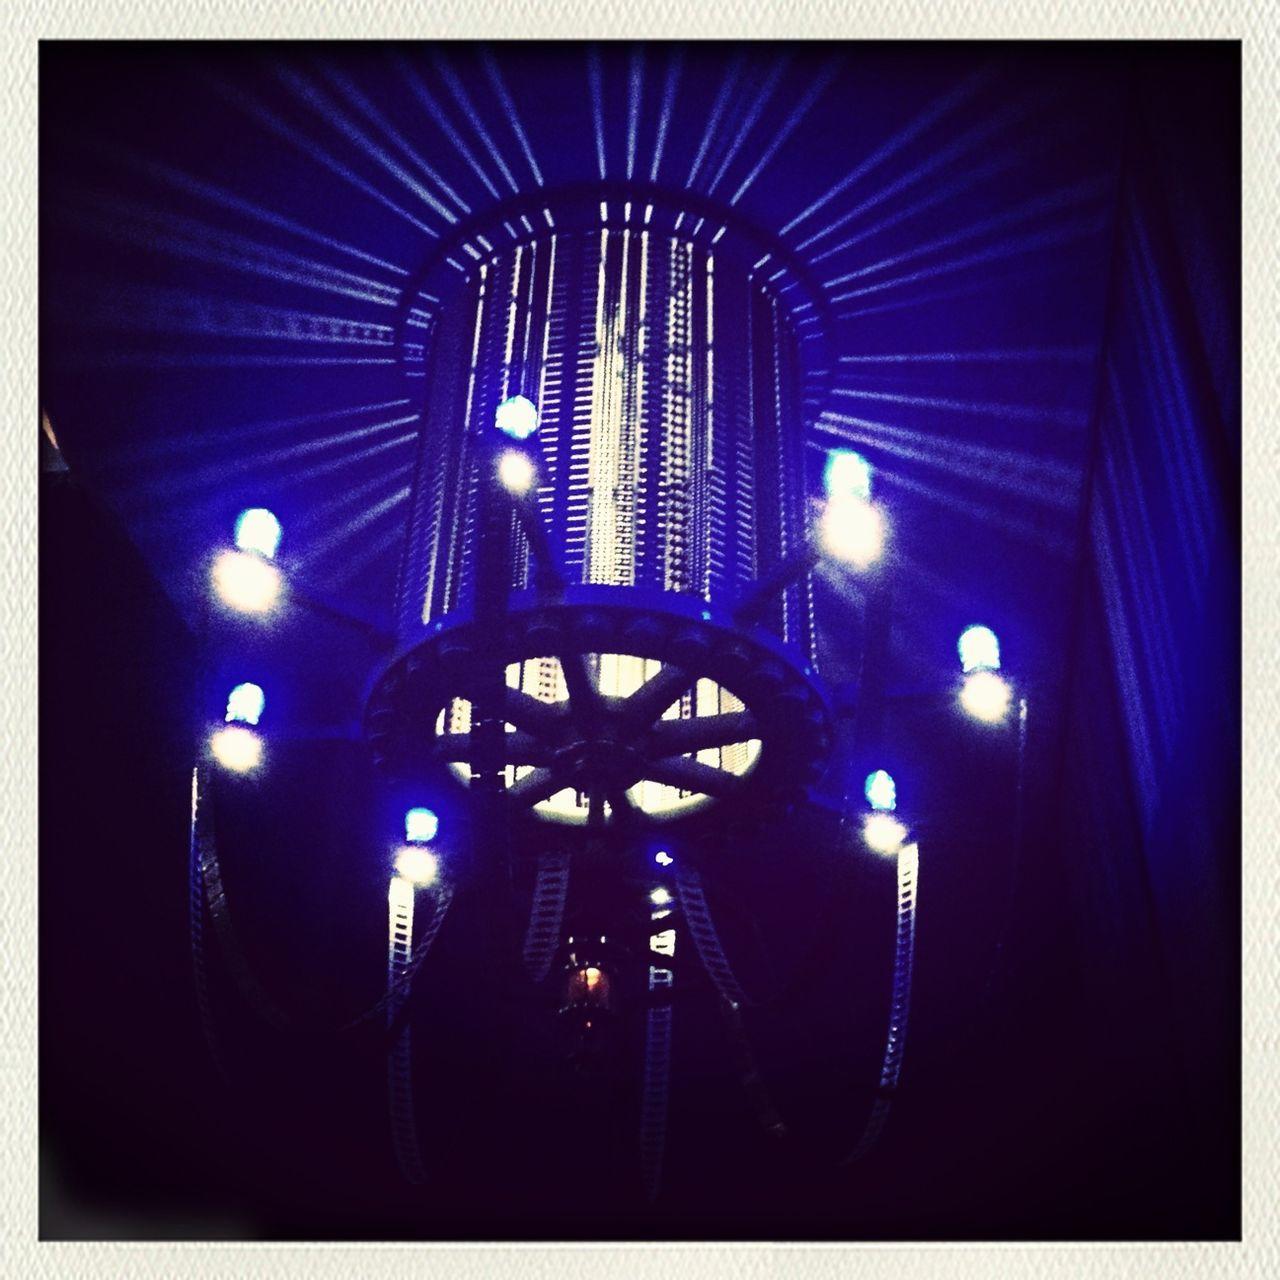 illuminated, night, indoors, blue, no people, nightclub, close-up